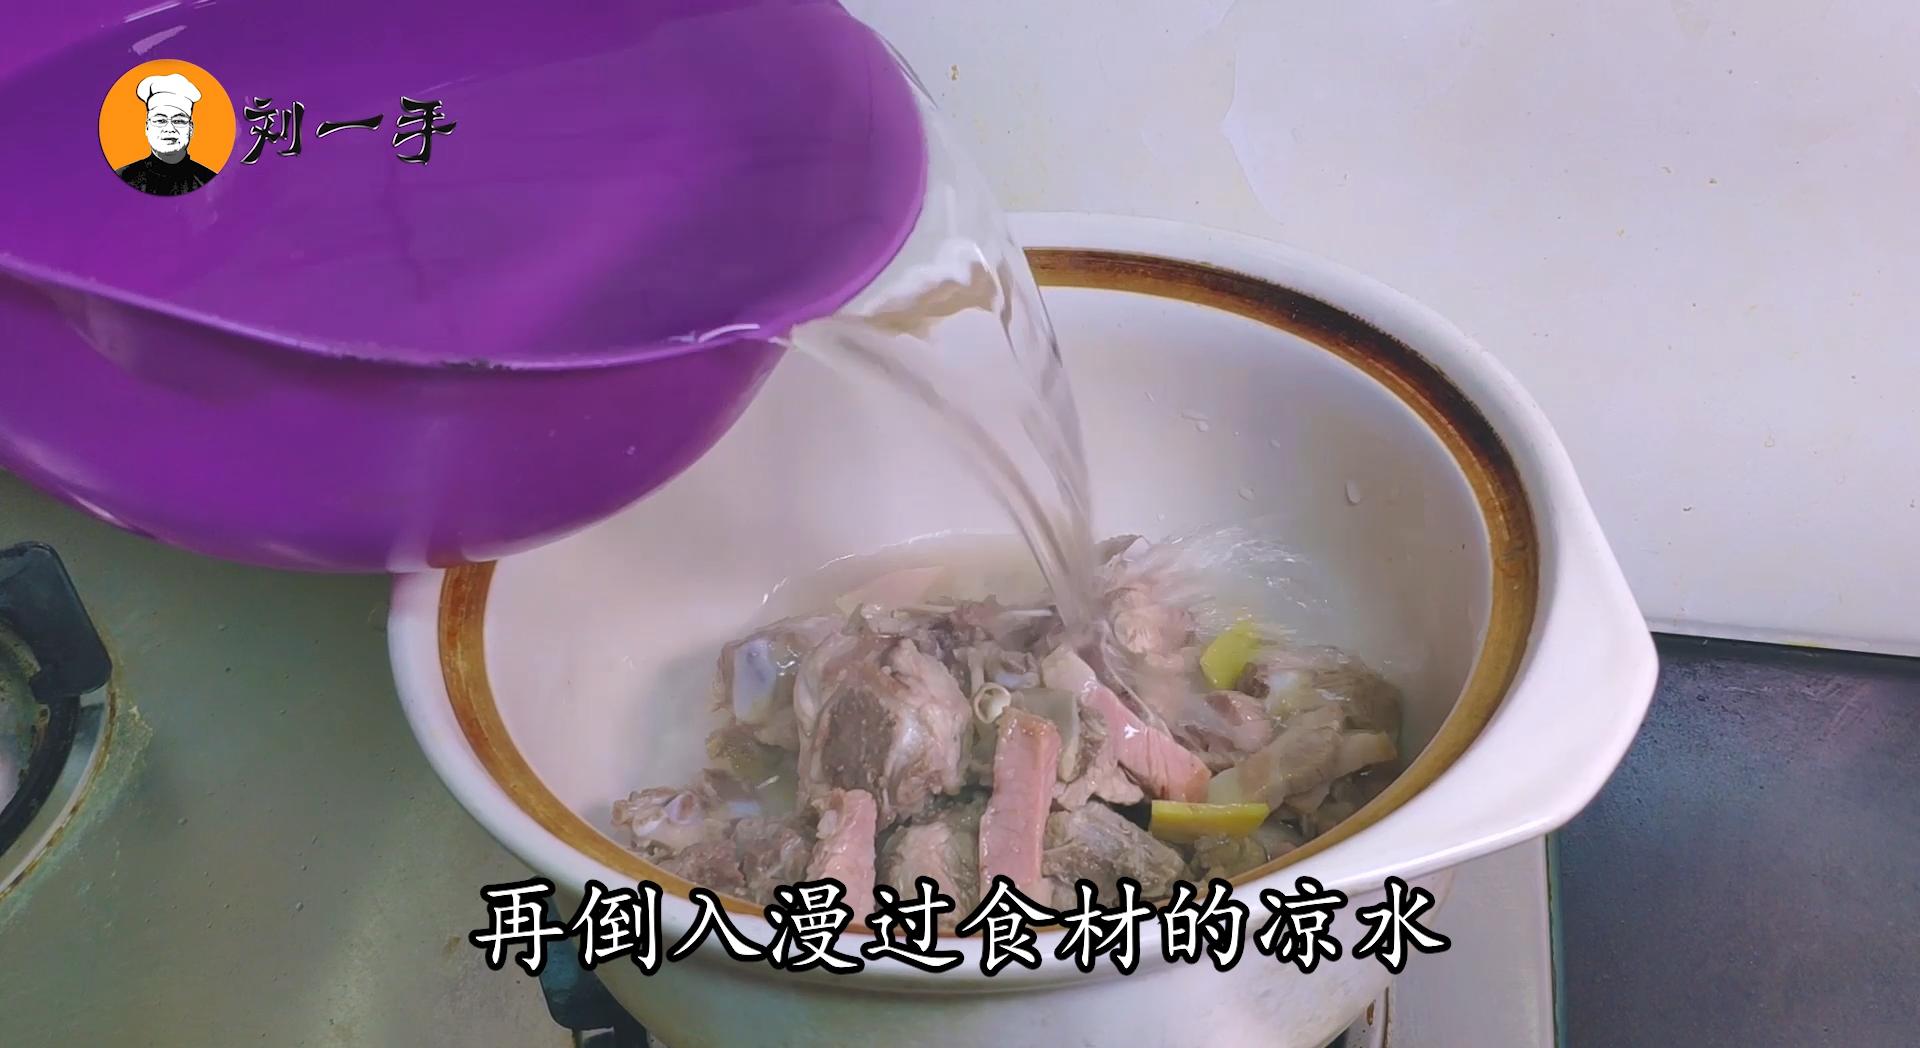 """上海特色菜""""腌笃鲜""""的正确做法,咸香鲜美 苏菜 第6张"""